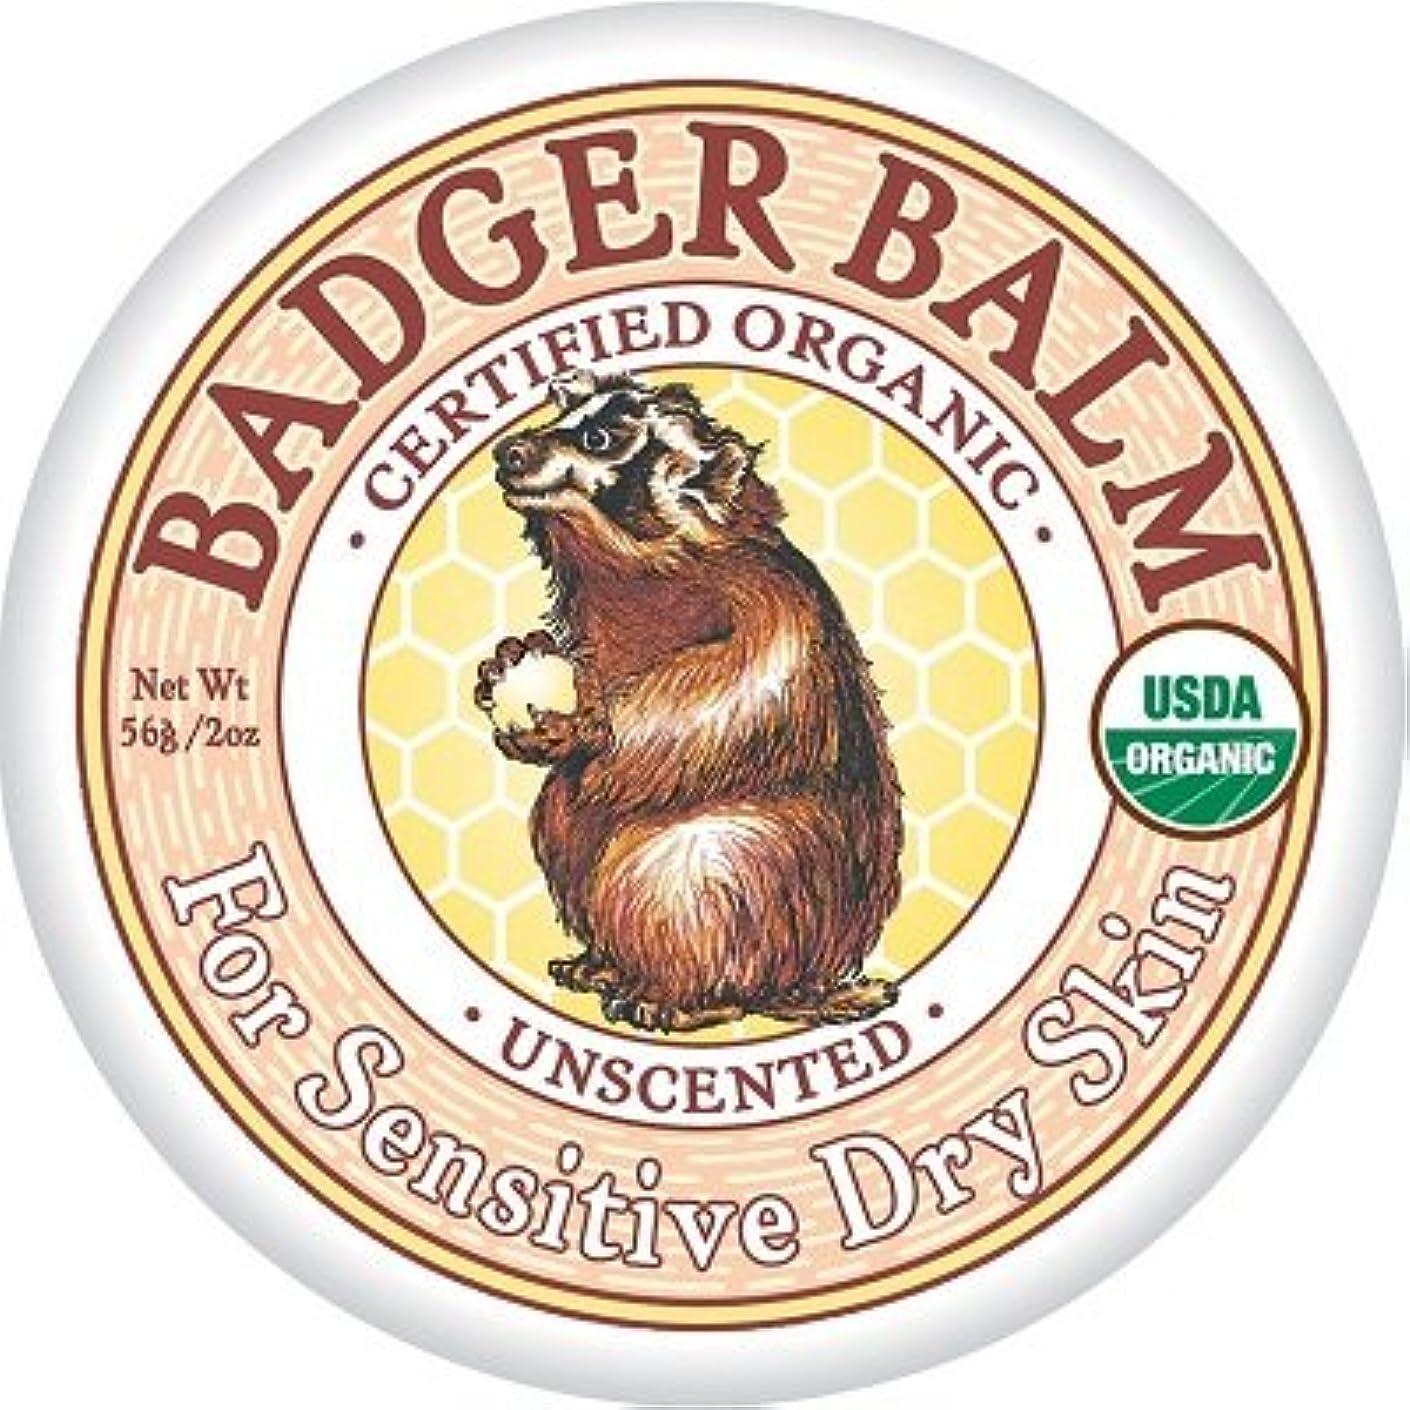 世界的に猛烈な直面するBadger バジャー ヒーリングバーム (無香料)56g【海外直送品】【並行輸入品】